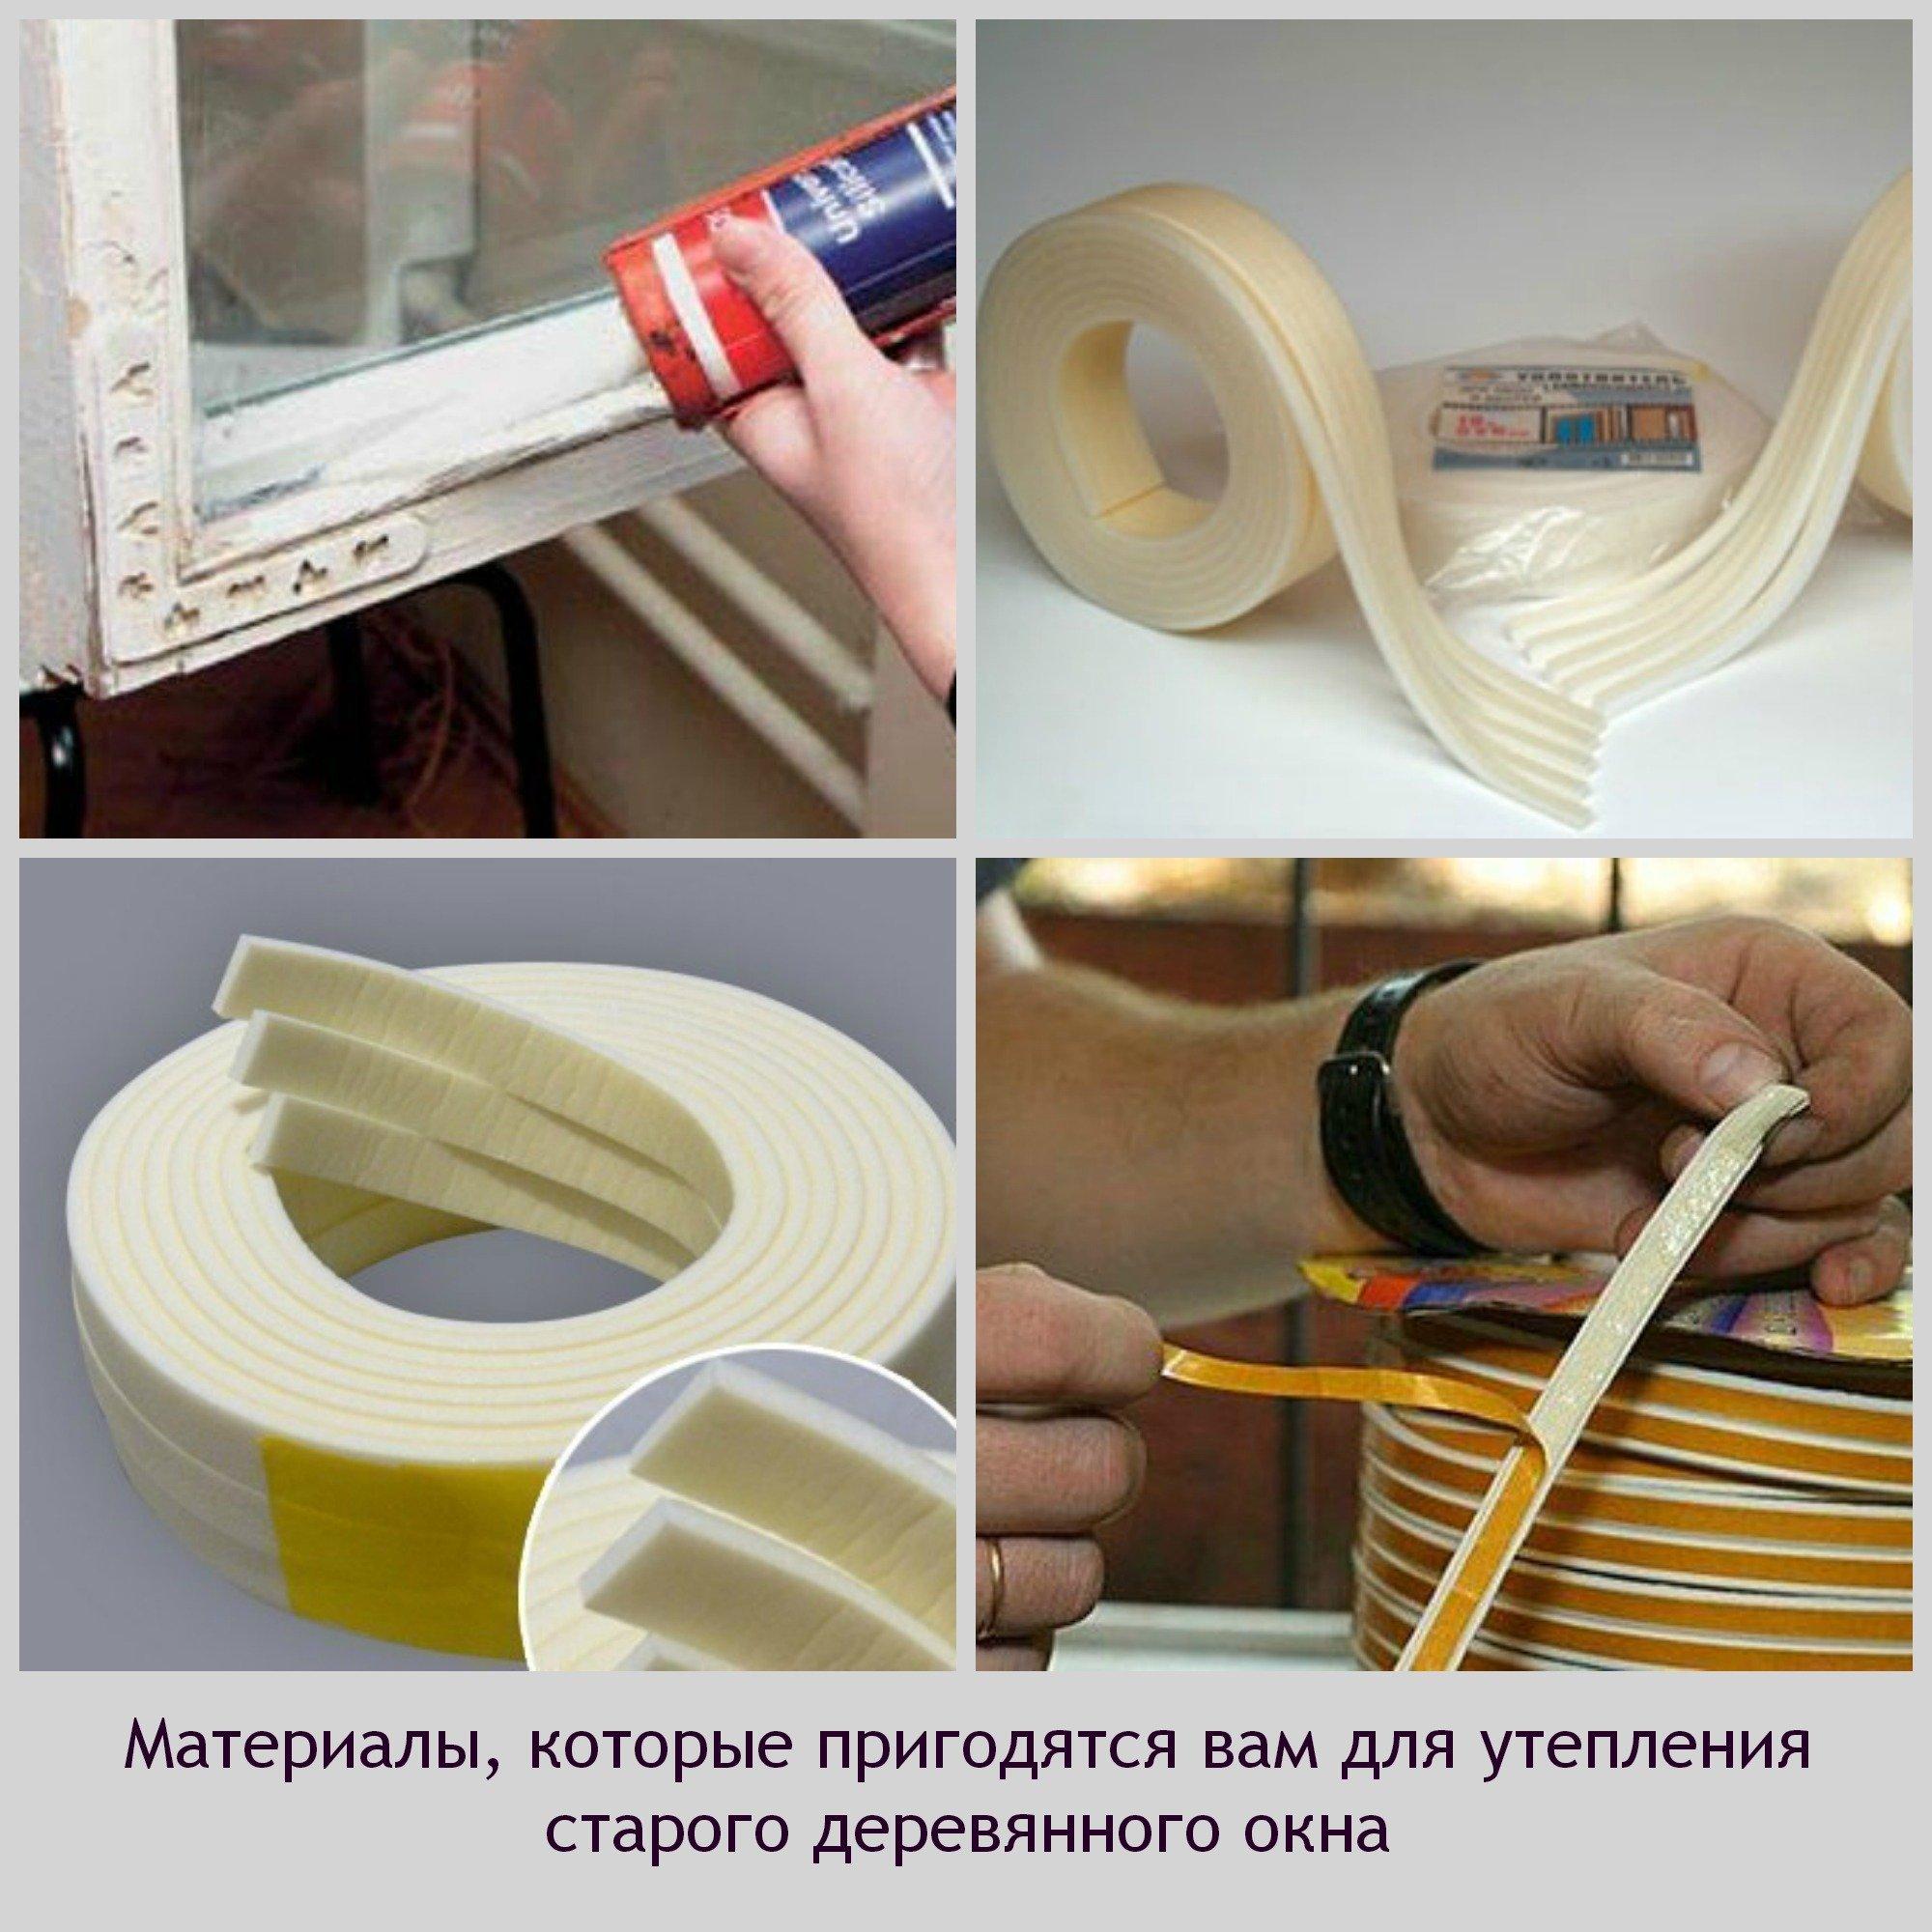 Как утеплить деревянные окна: наиболее действенные методы